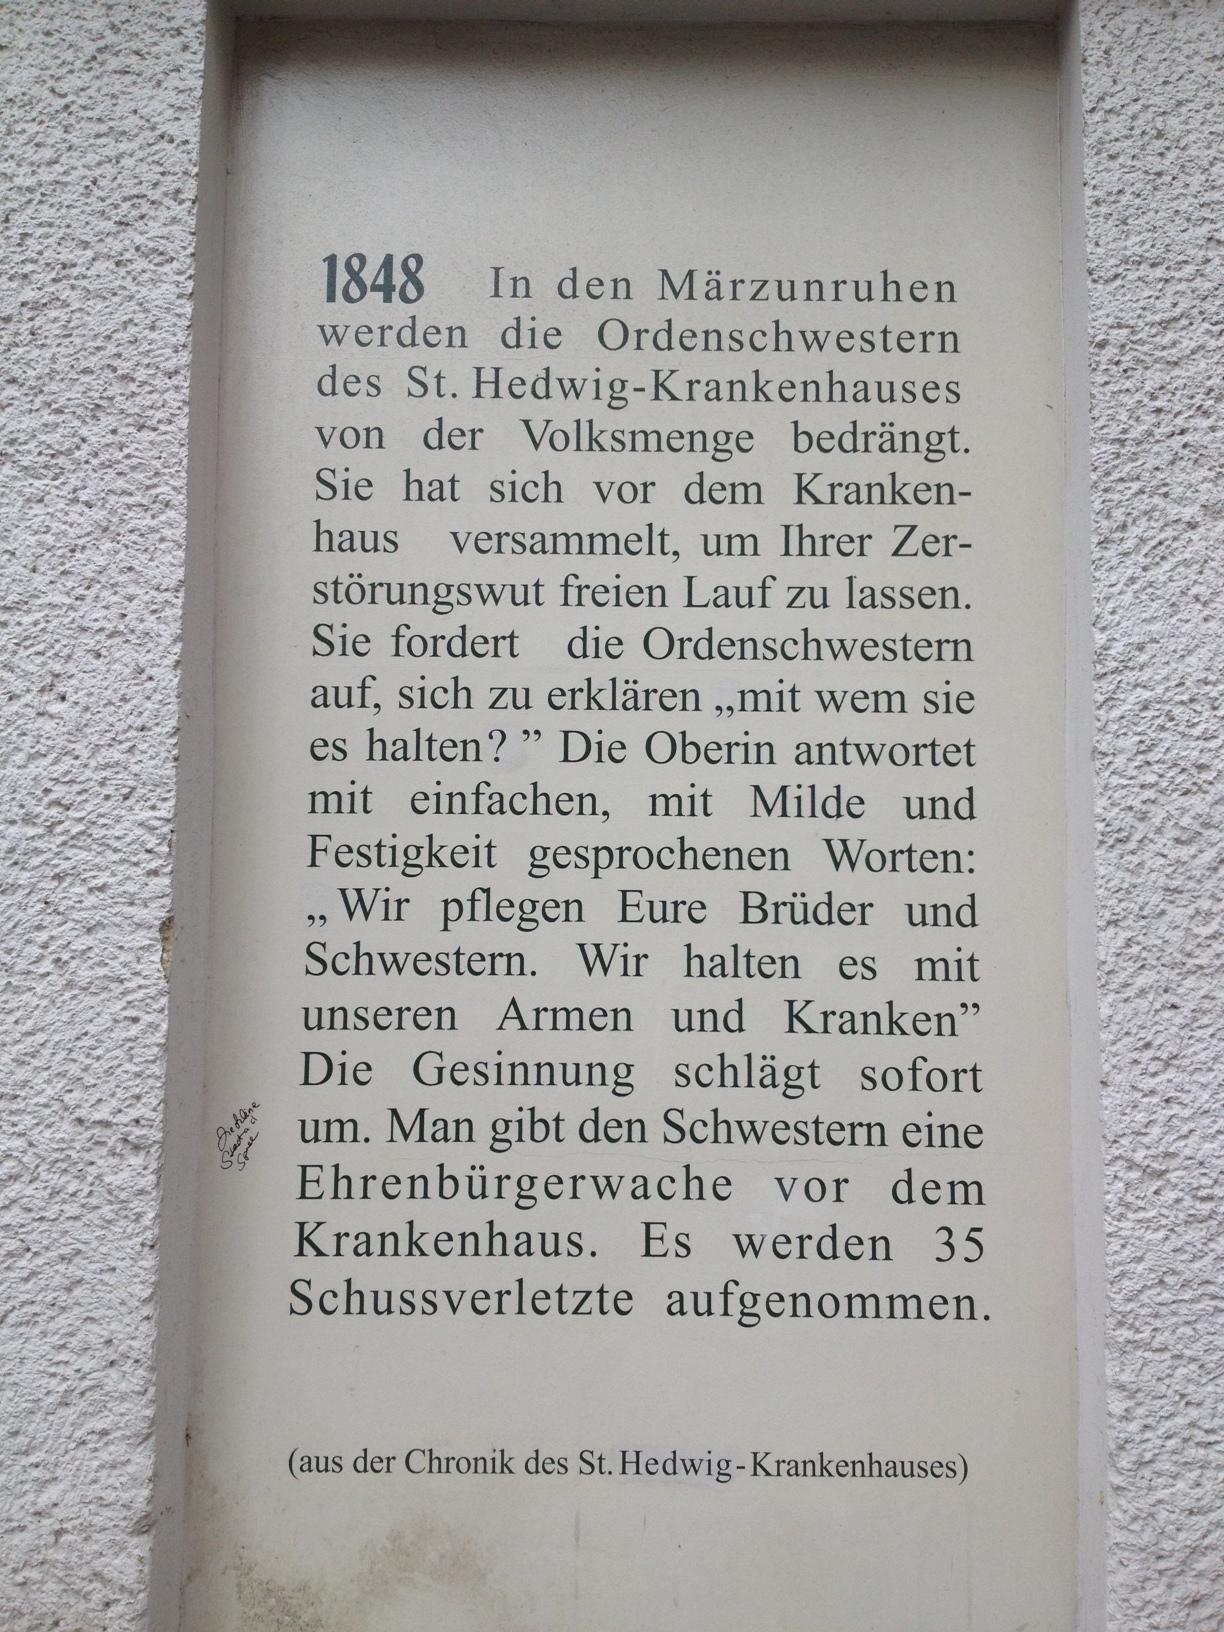 Mit freundlichen Grüßen   Herbert Haberl